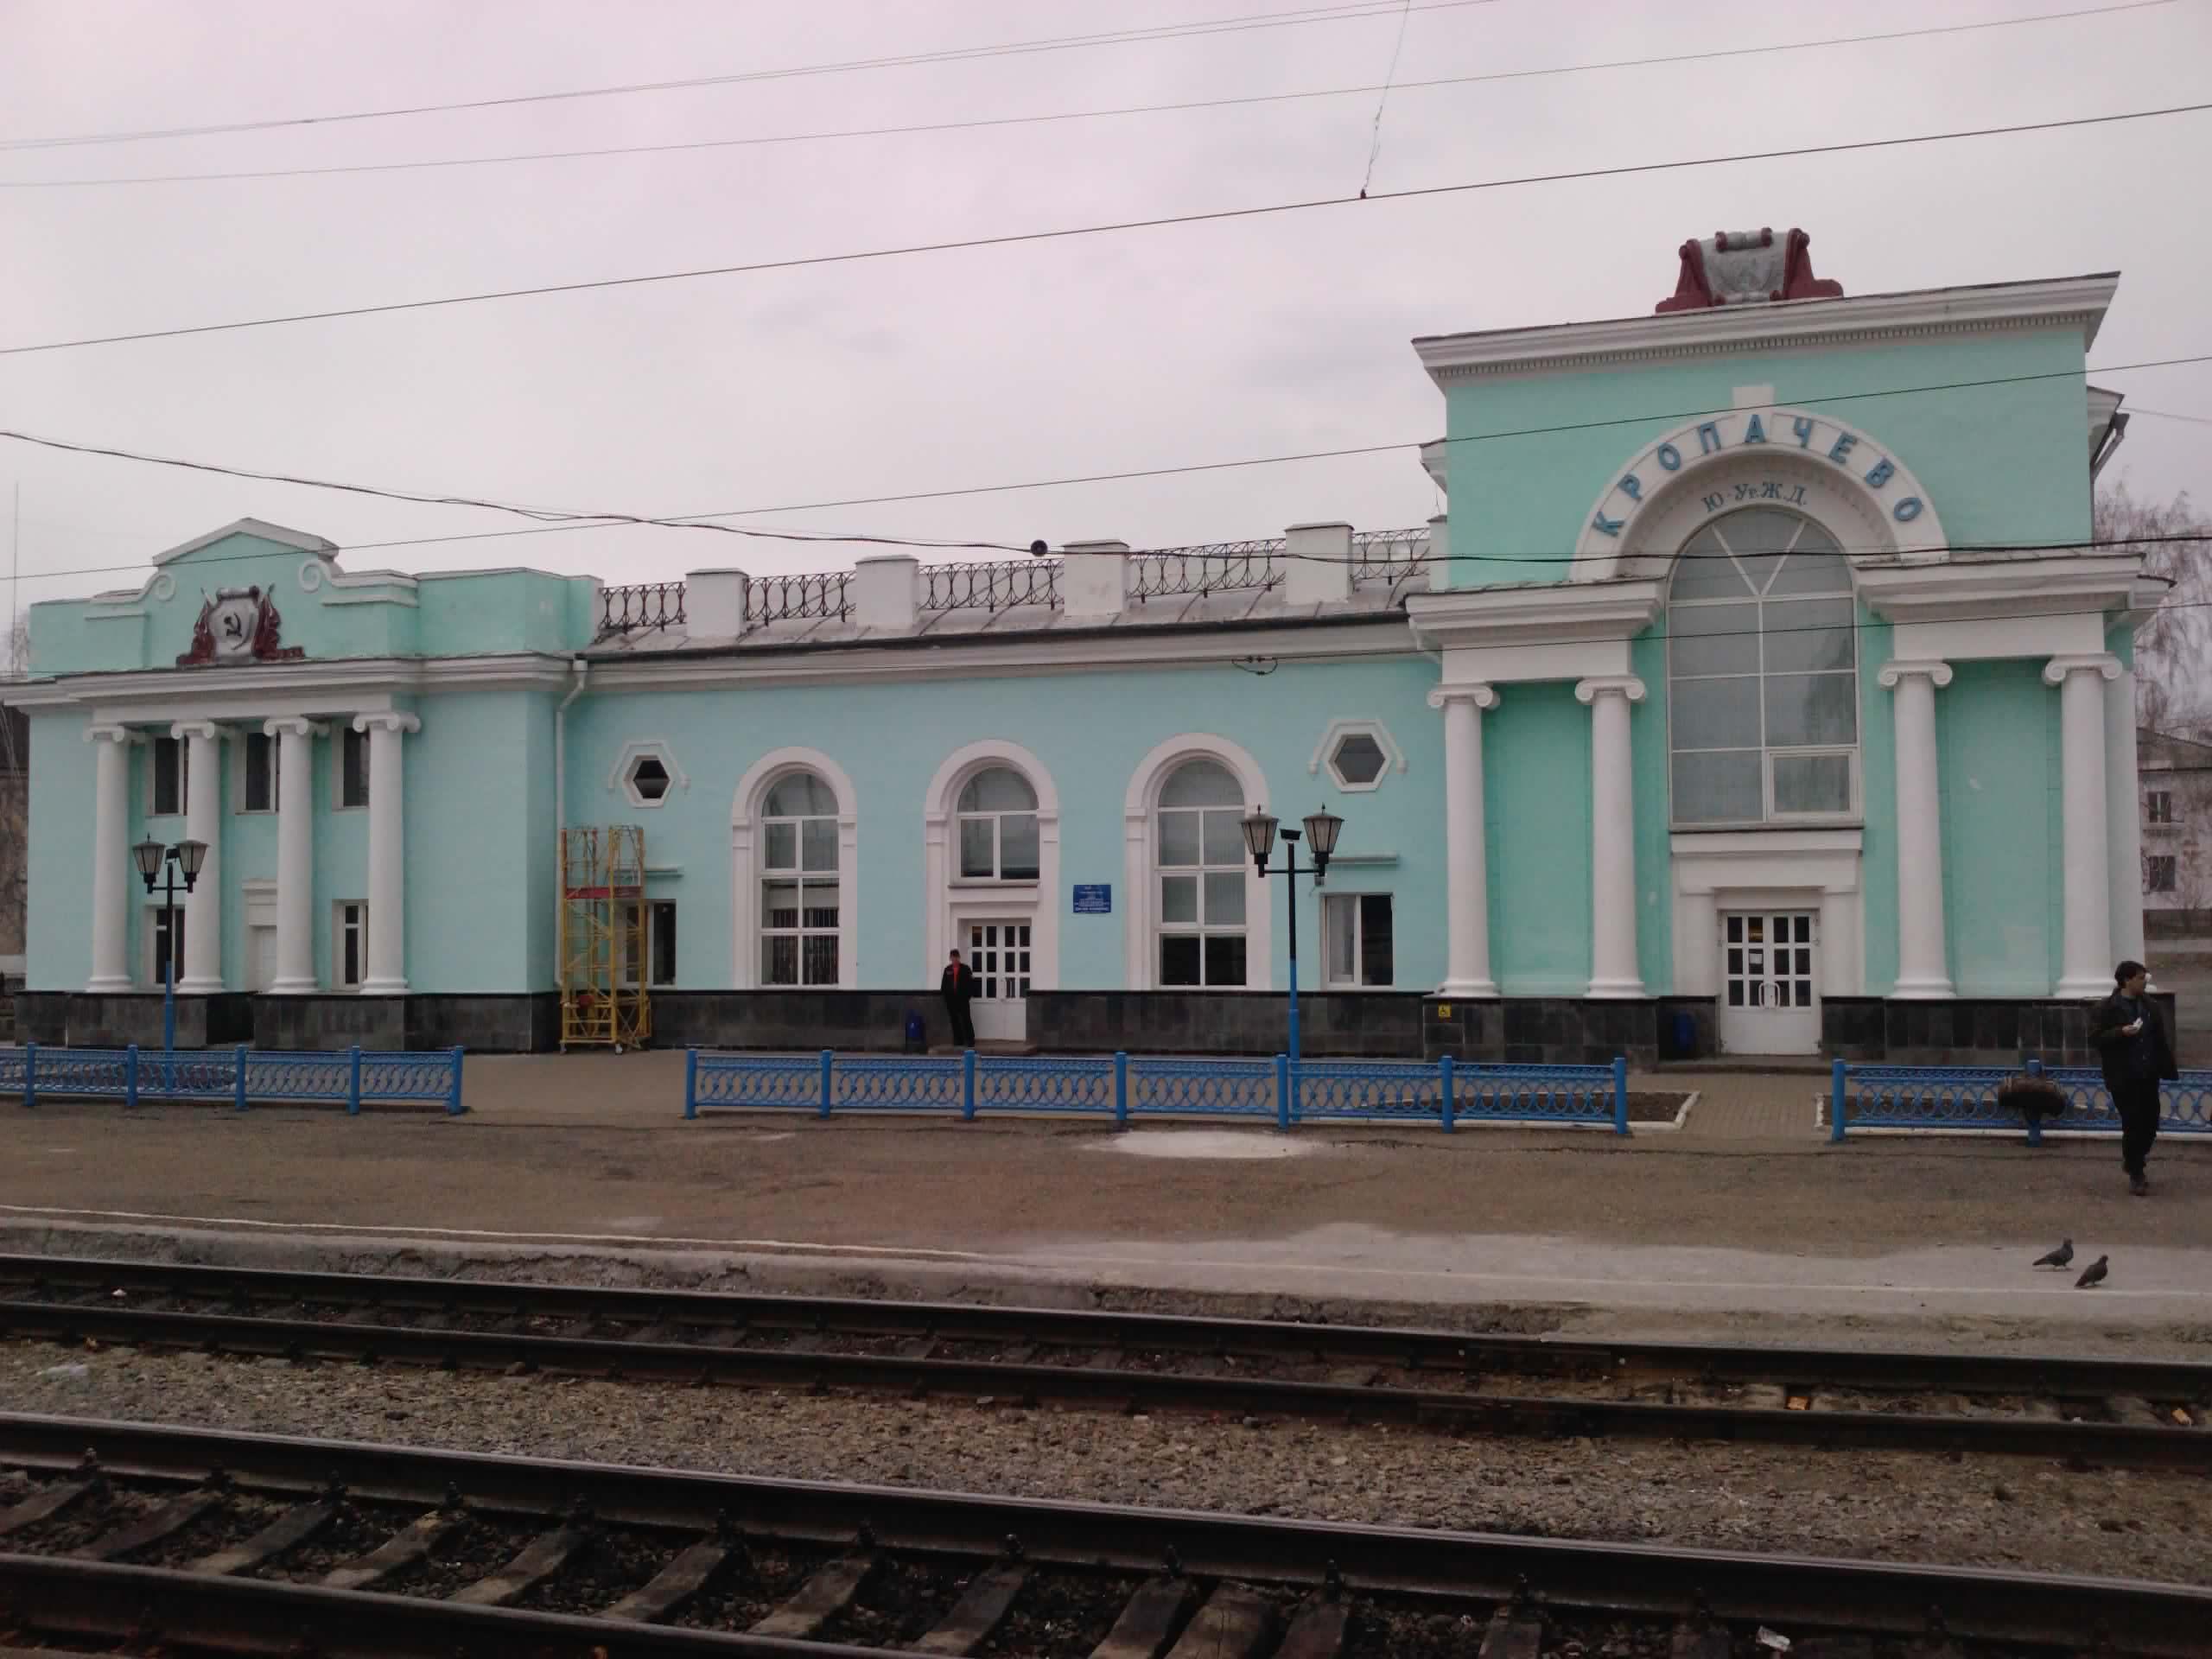 Кропачево вокзал